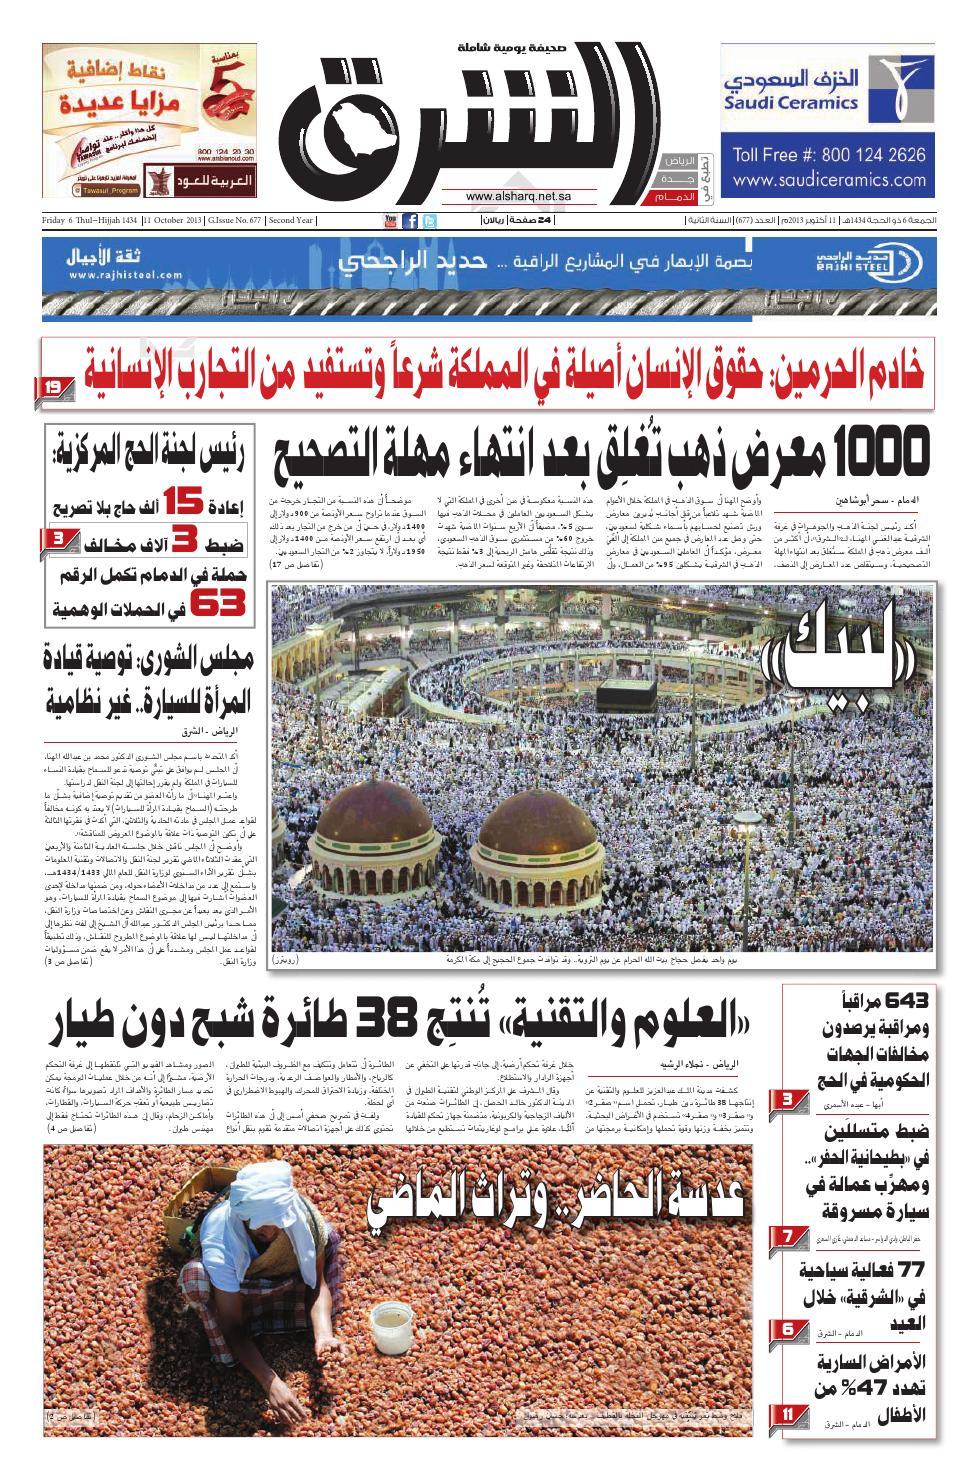 f9d137781 صحيفة الشرق - العدد 677 - نسخة الدمام by صحيفة الشرق السعودية - issuu